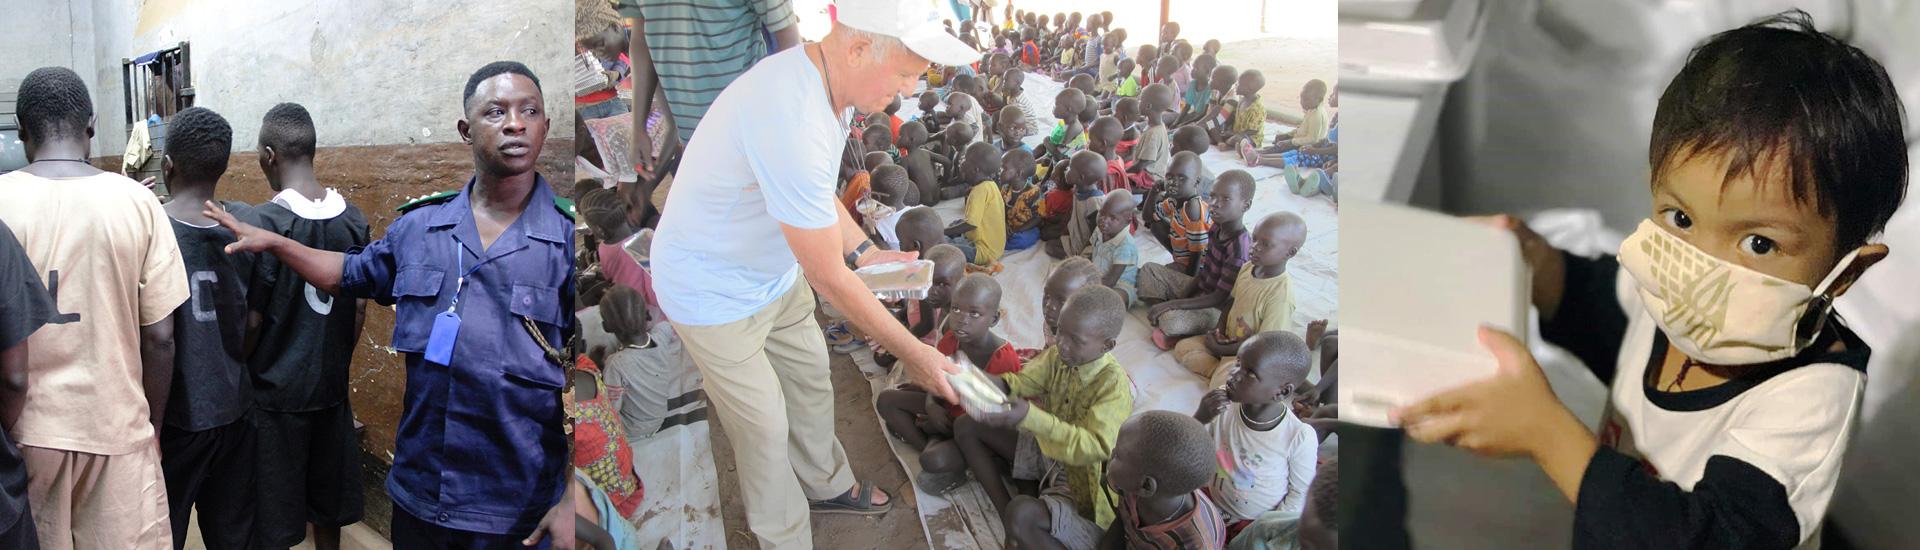 Millones de menores en situación de vulnerabilidad en todo el mundo son hoy los santos inocentes del siglo XXI